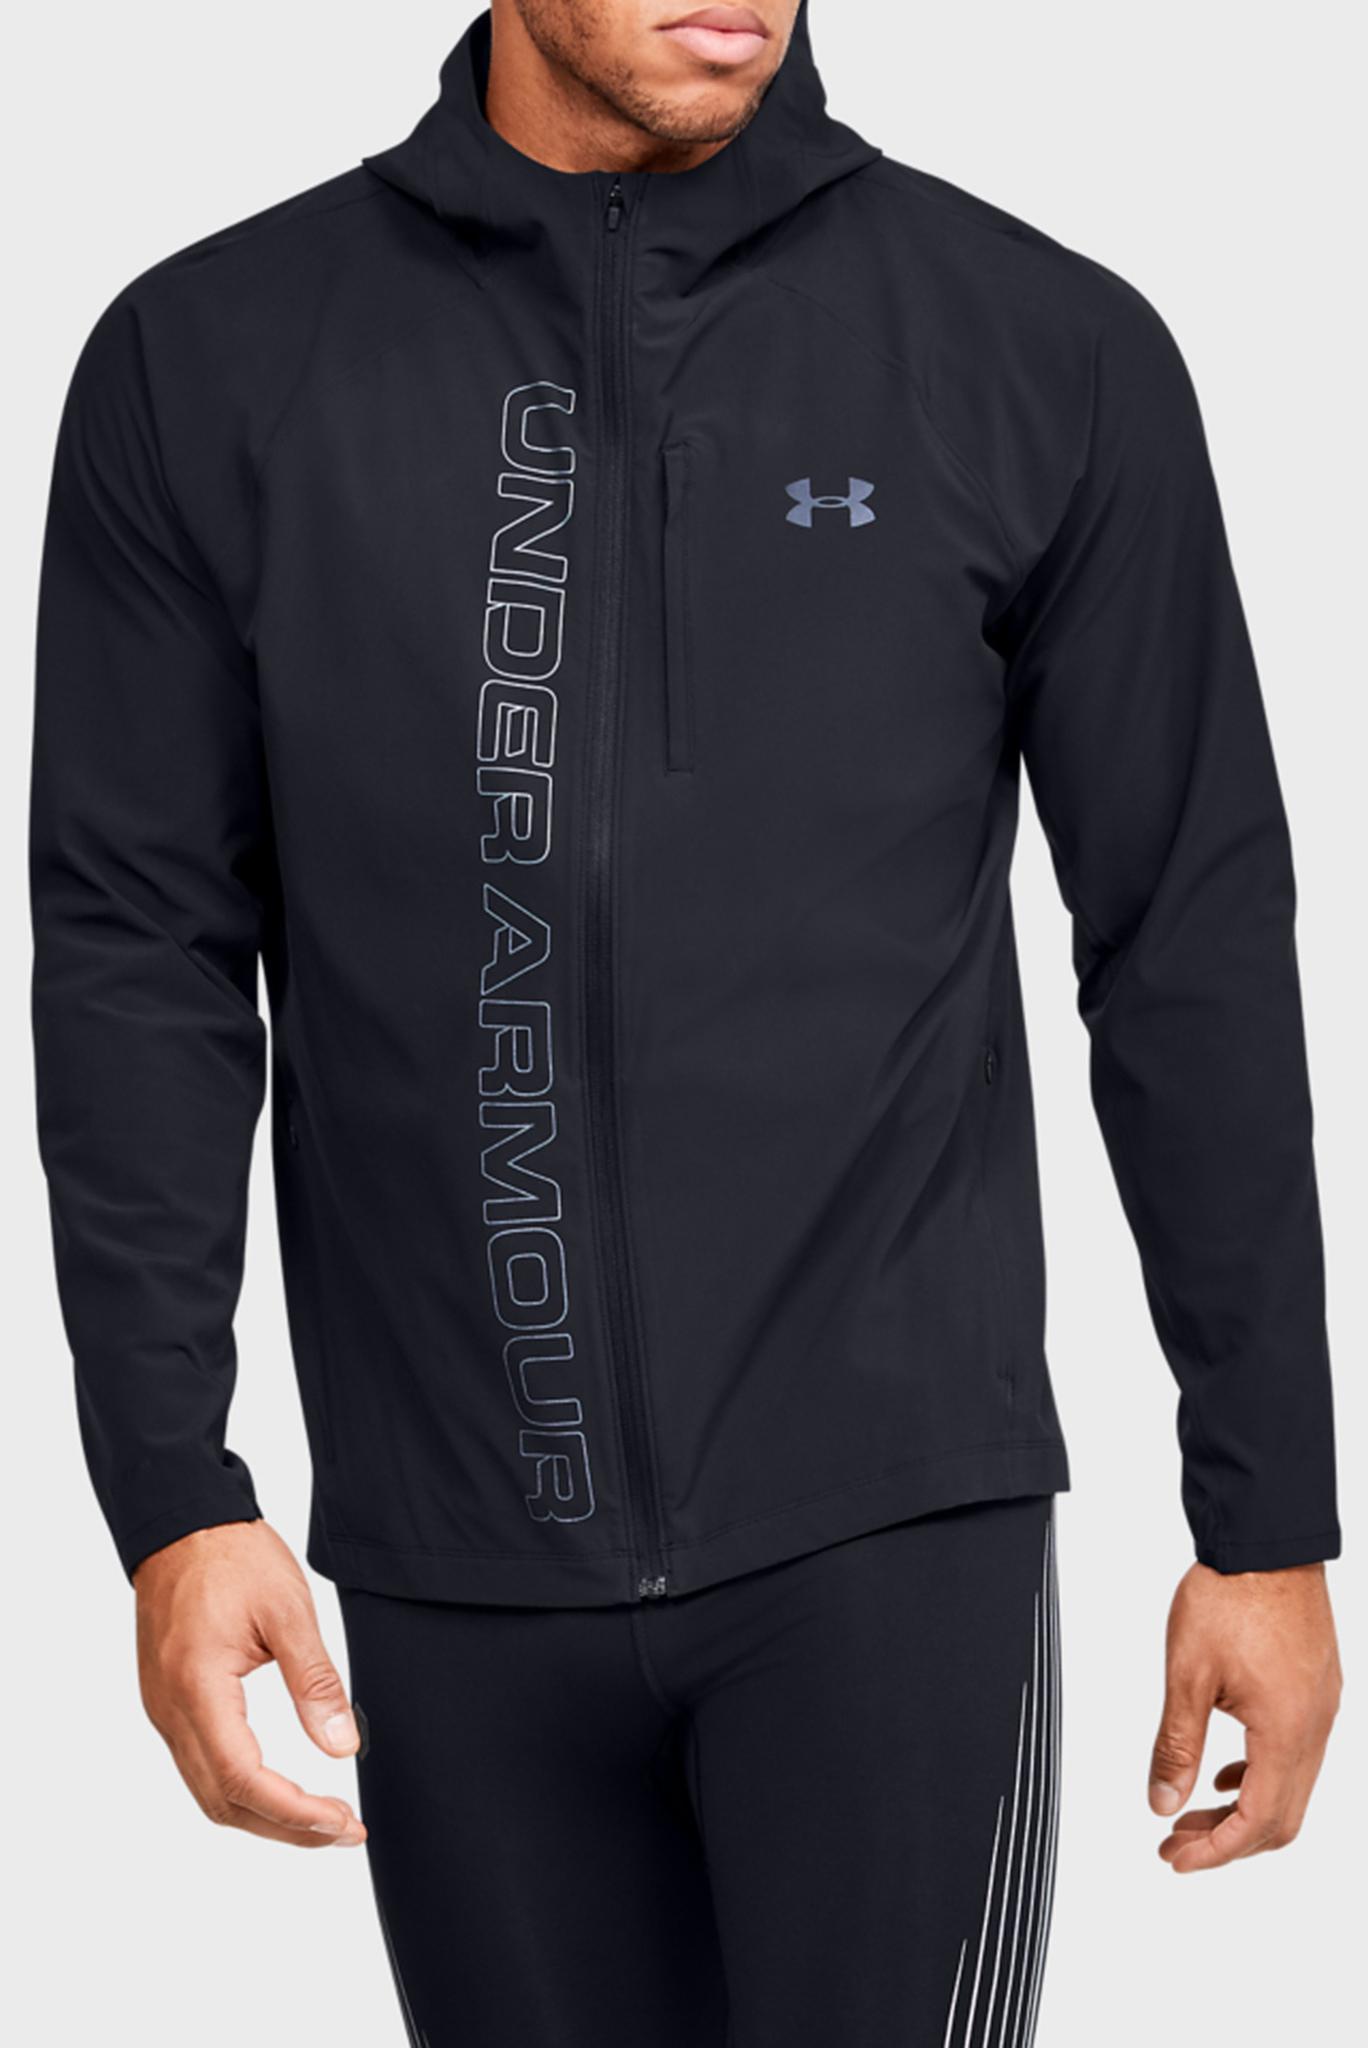 Мужская черная спортивная куртка M UA Qualifier OutRun the STORM Jacket Under Armour